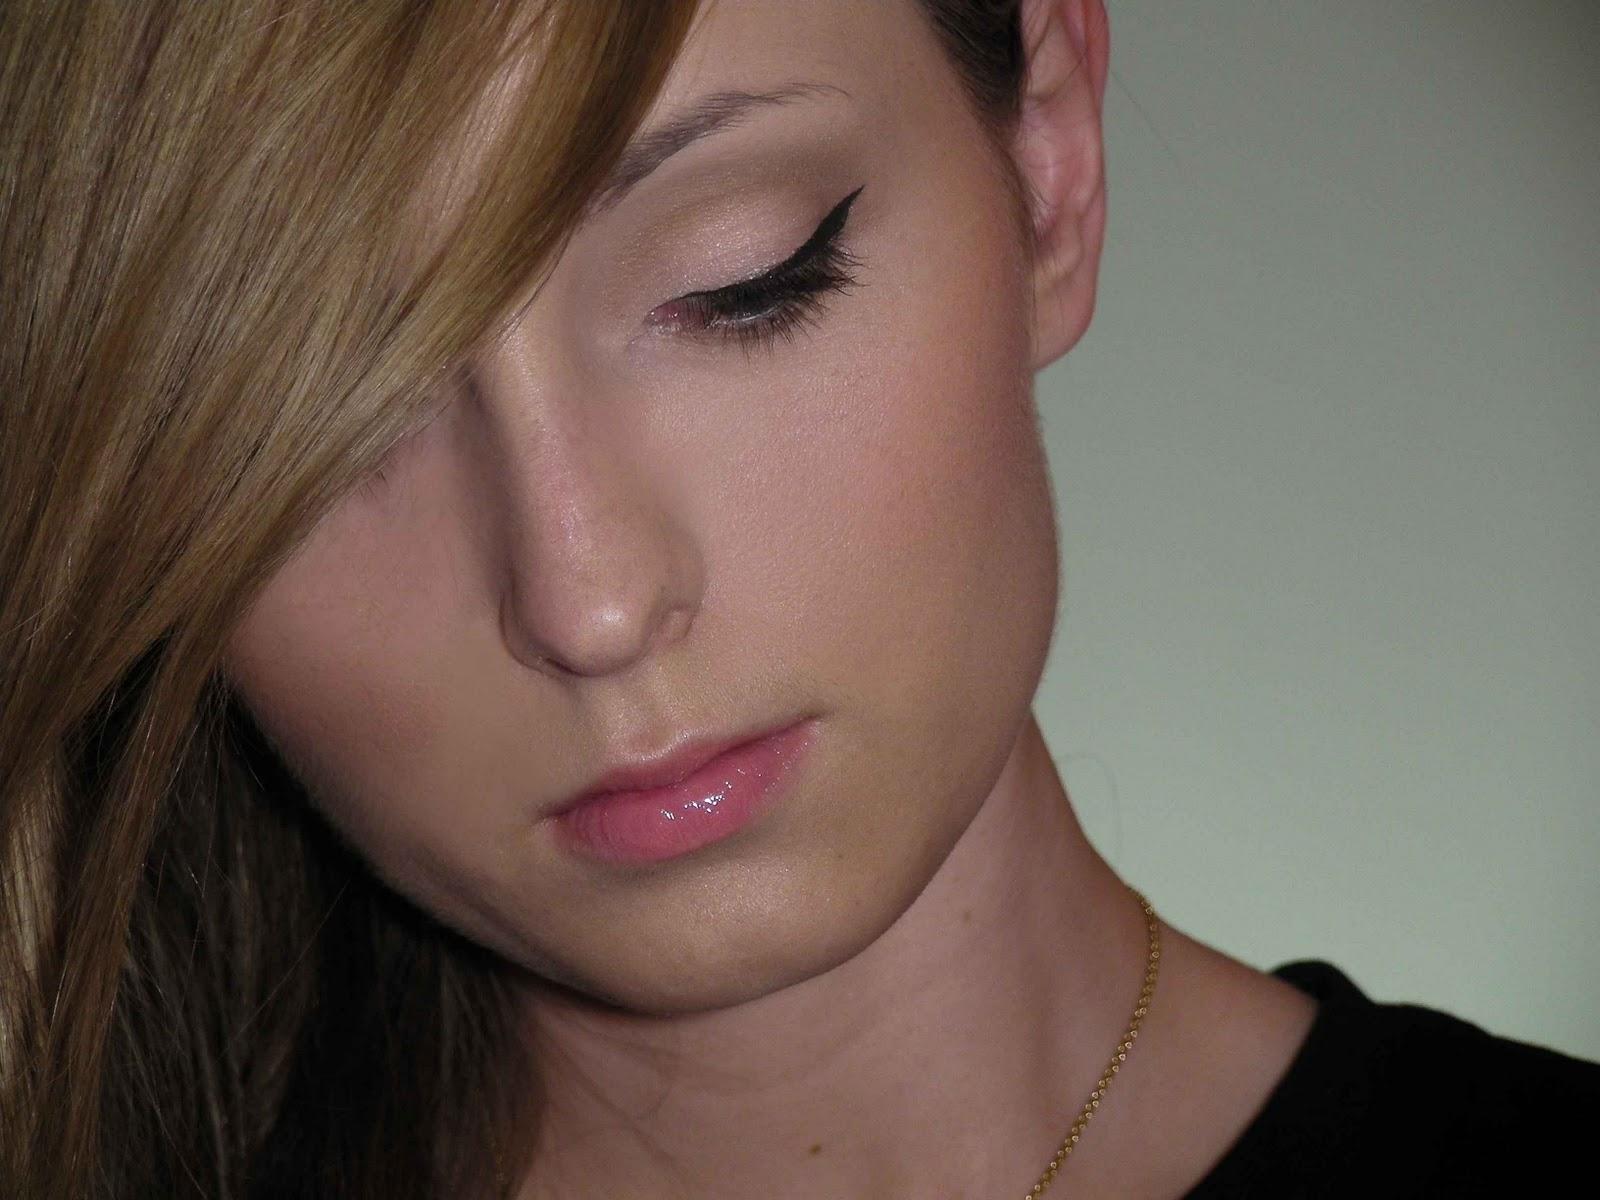 http://2.bp.blogspot.com/_rPJVhtfU9cc/TMyLeBKBnLI/AAAAAAAAAJ8/txZ90ot0A6U/s1600/Taylor%2BSwift%2BMine%2Bblogger.jpg